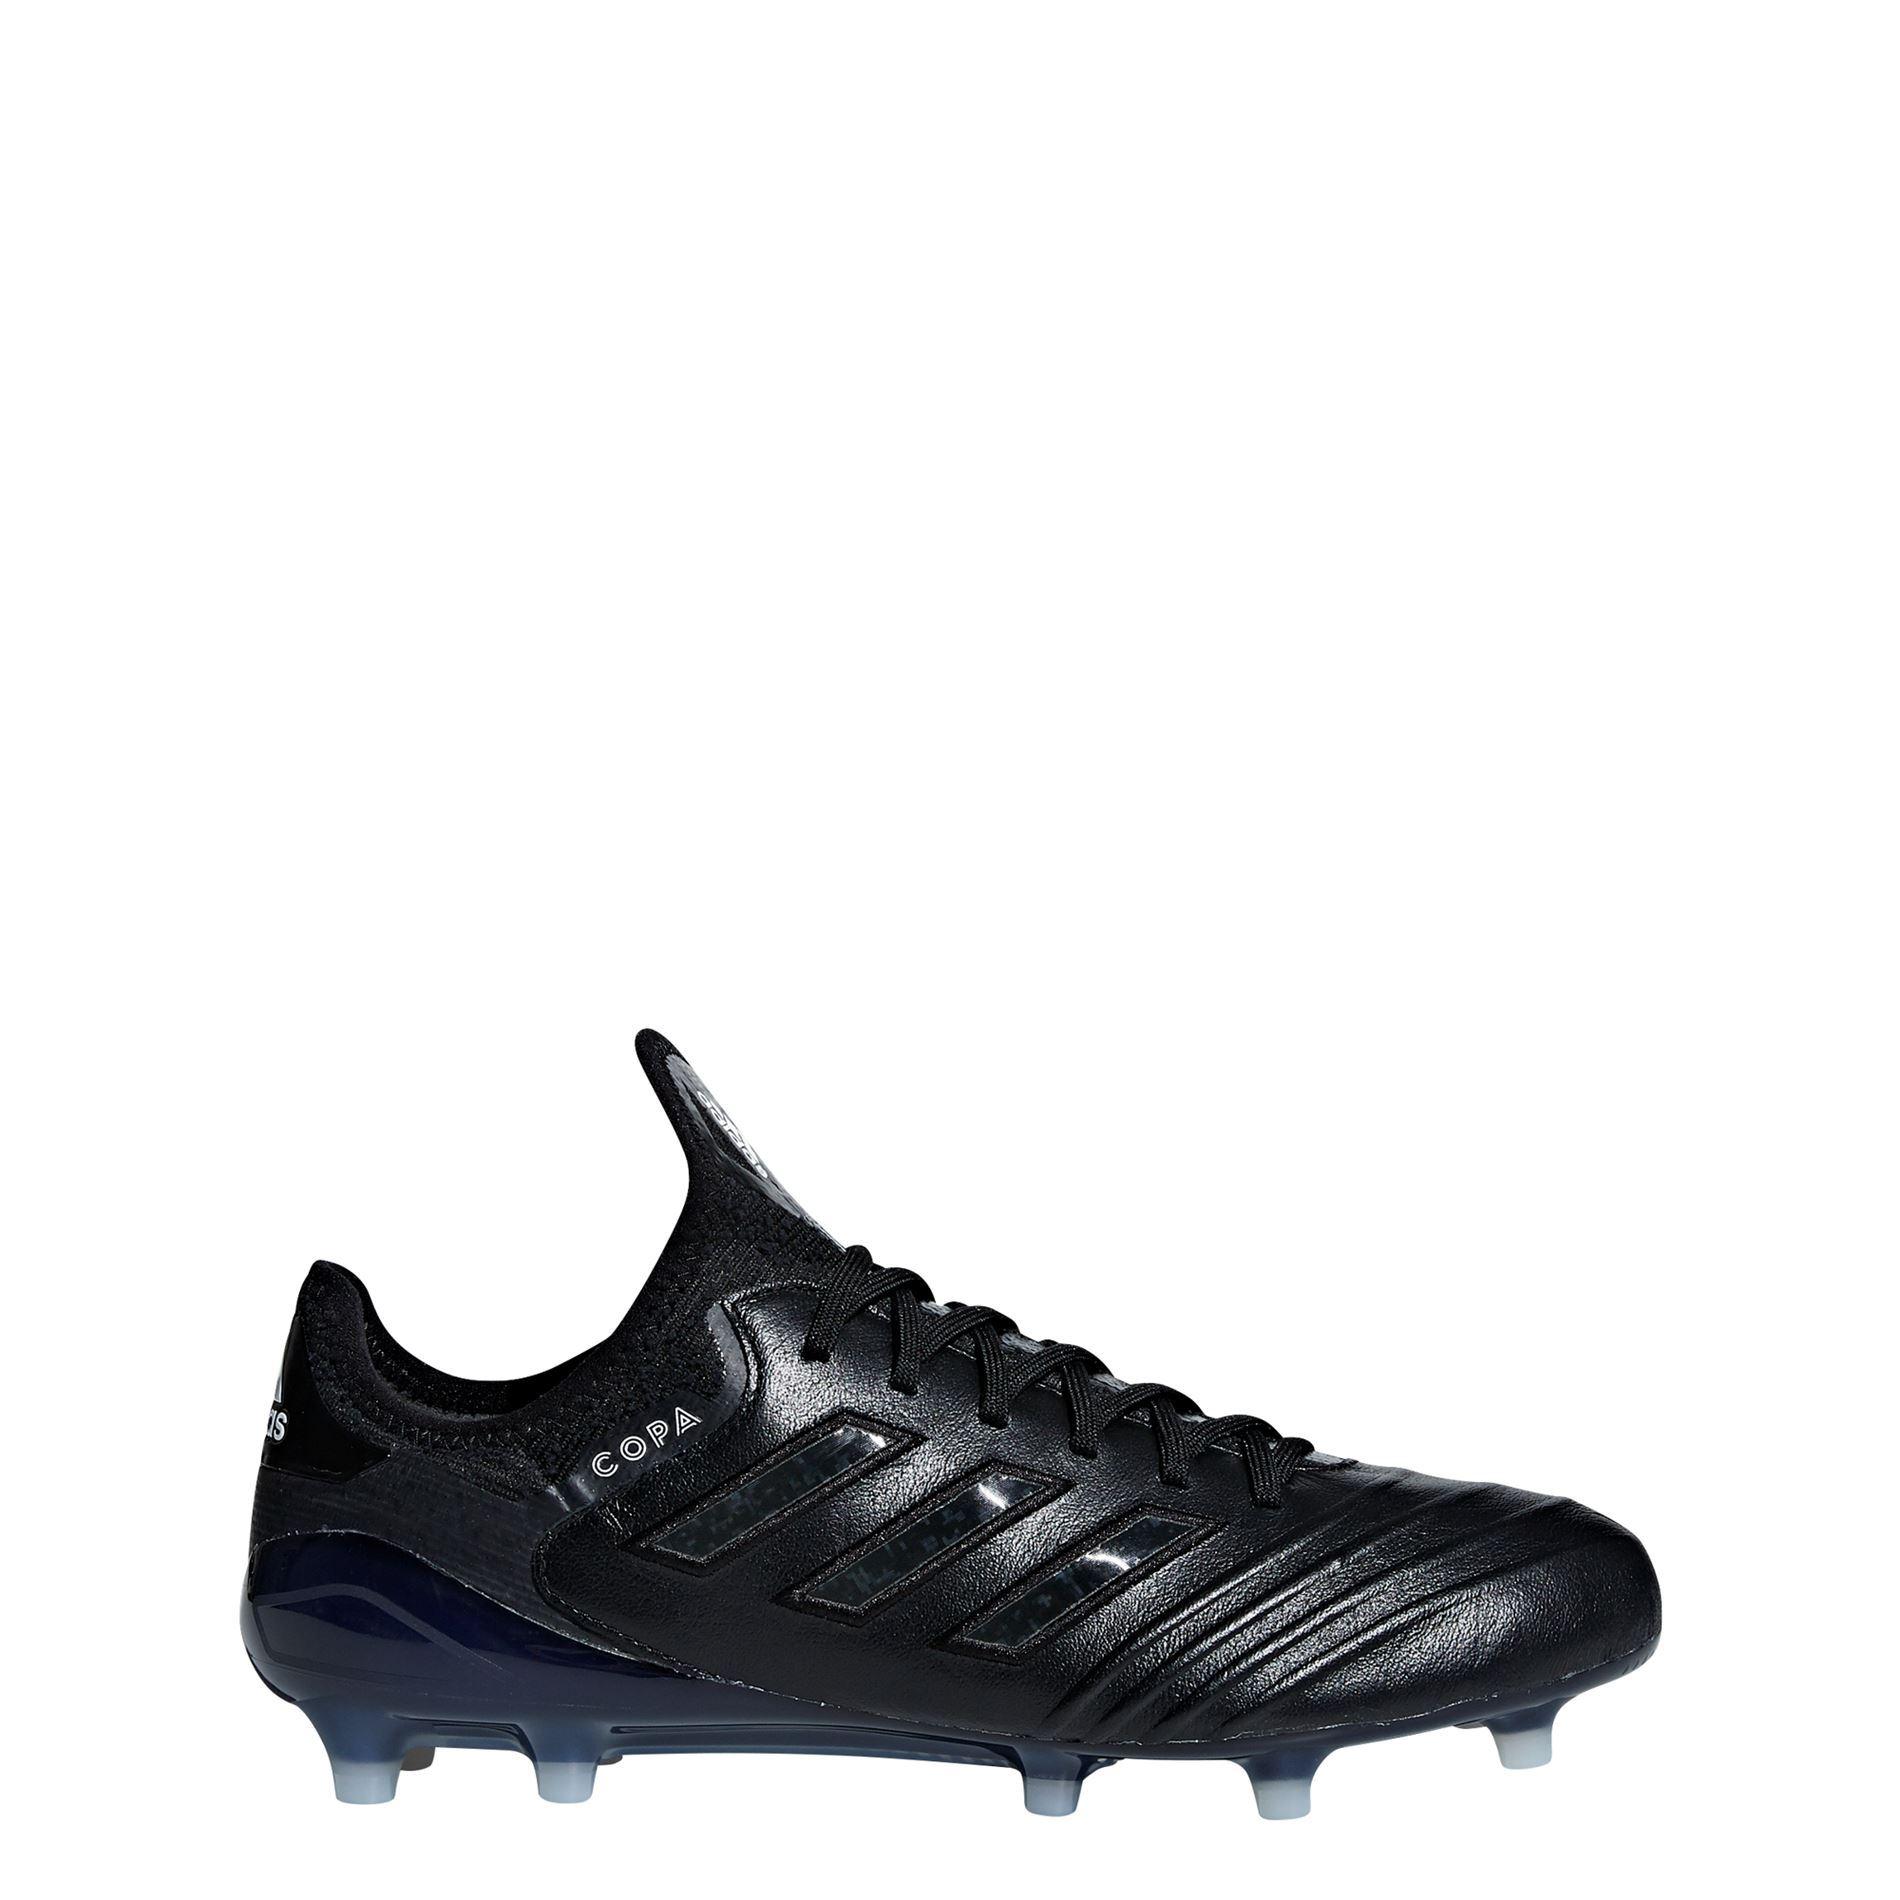 27e16e1b228 Adidas Copa 18.1 FG/AG Shadow Mode